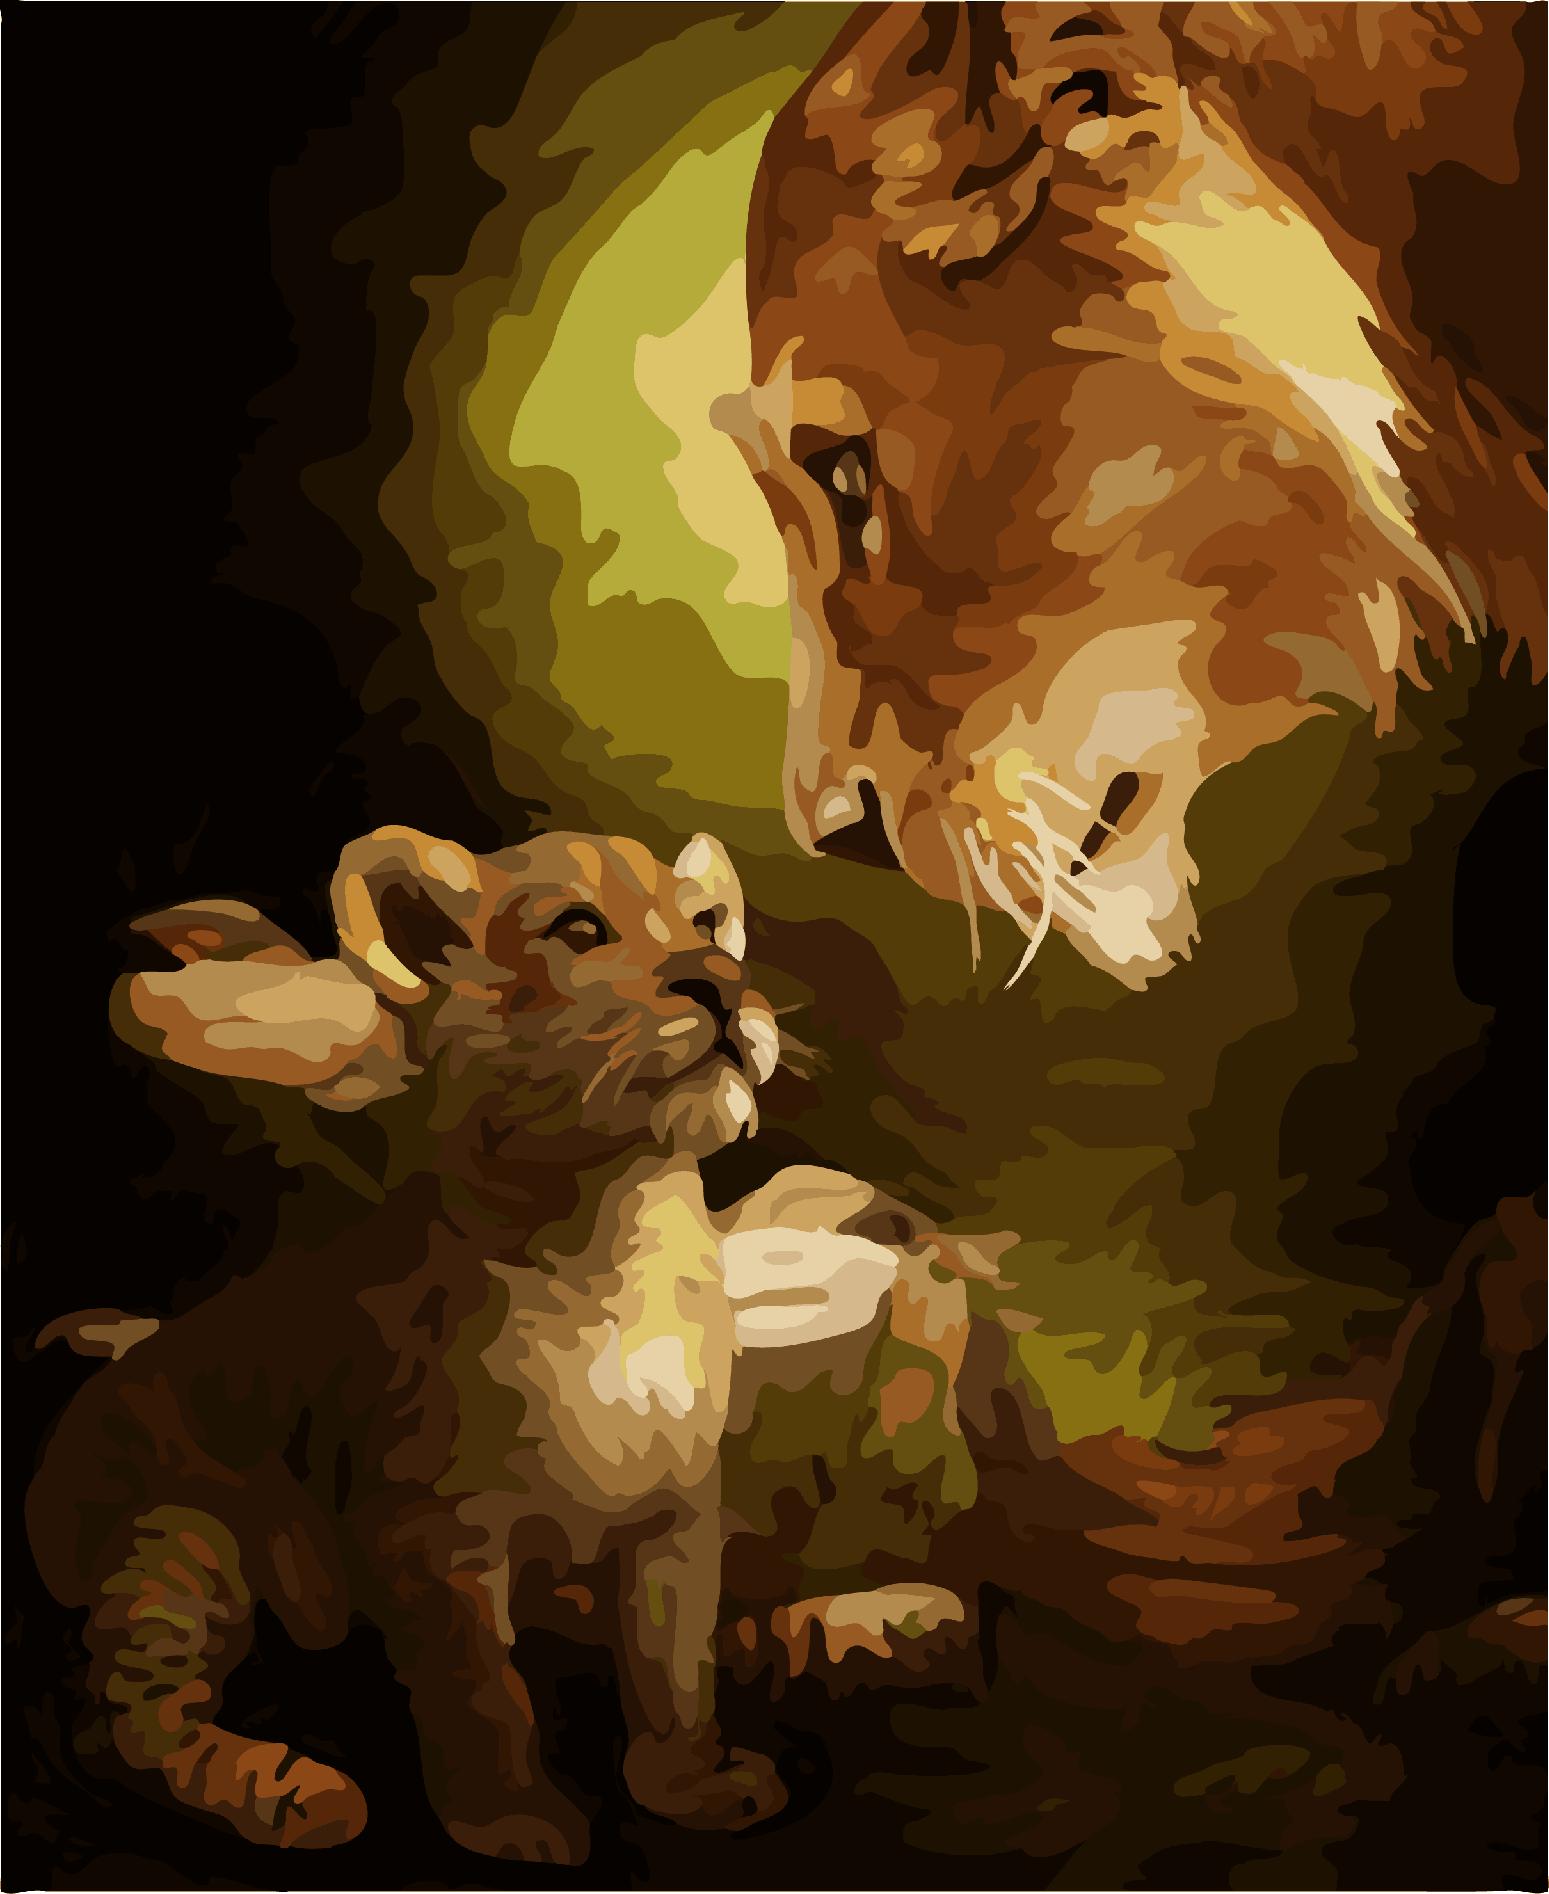 星空雨夜diy数字油画 狮子动物风景客厅卧室大幅填色装饰画 凝视